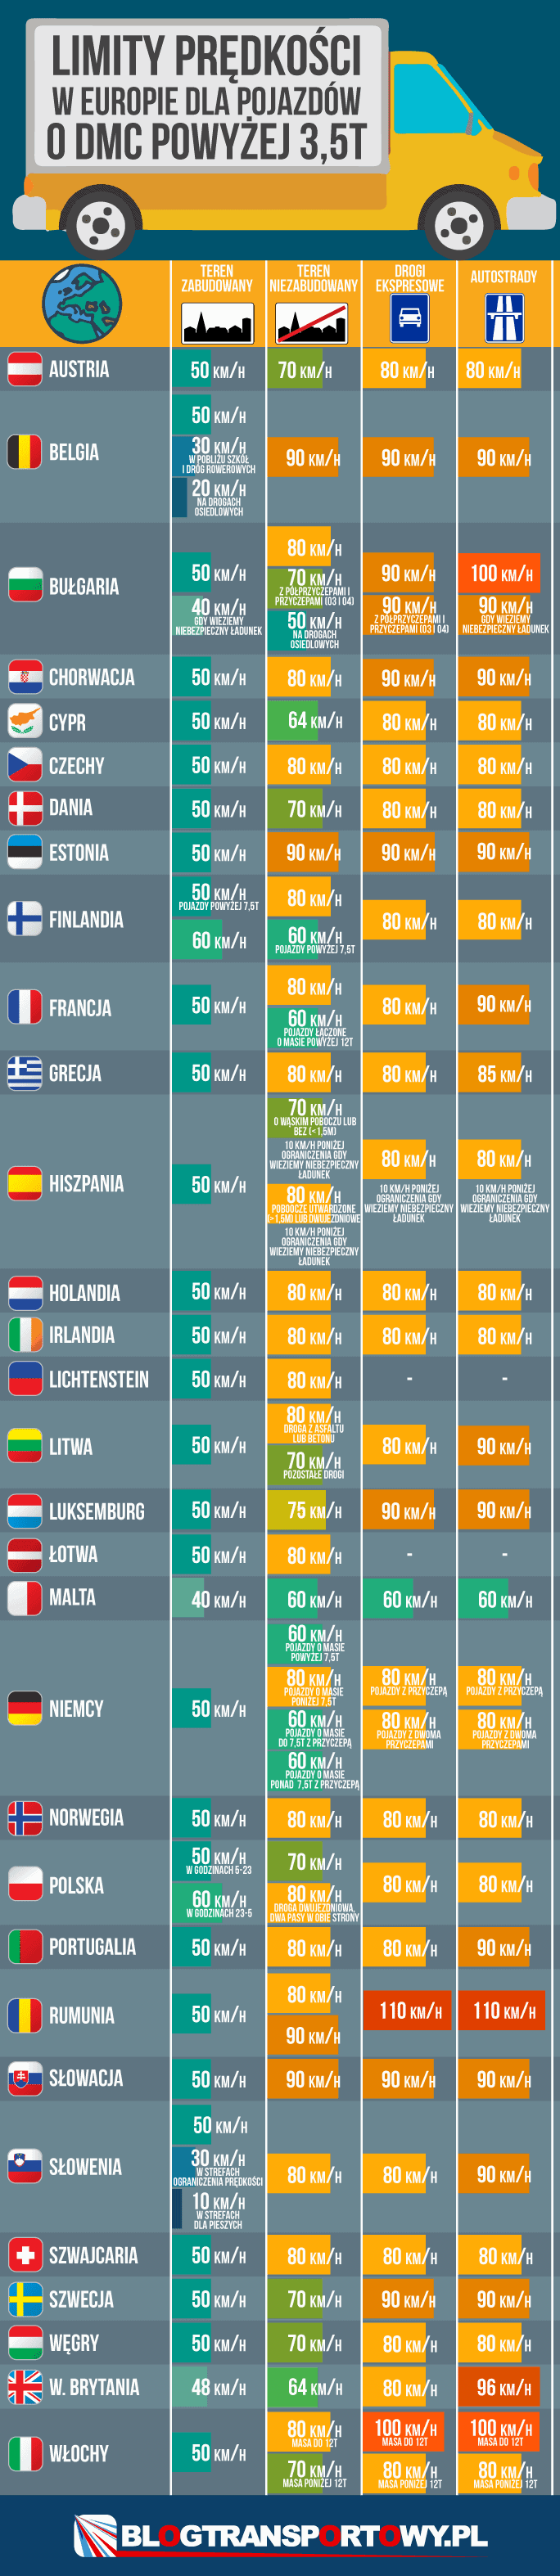 Limity prędkości w Europie dla pojazdów o DMC powyżej 3,5 t